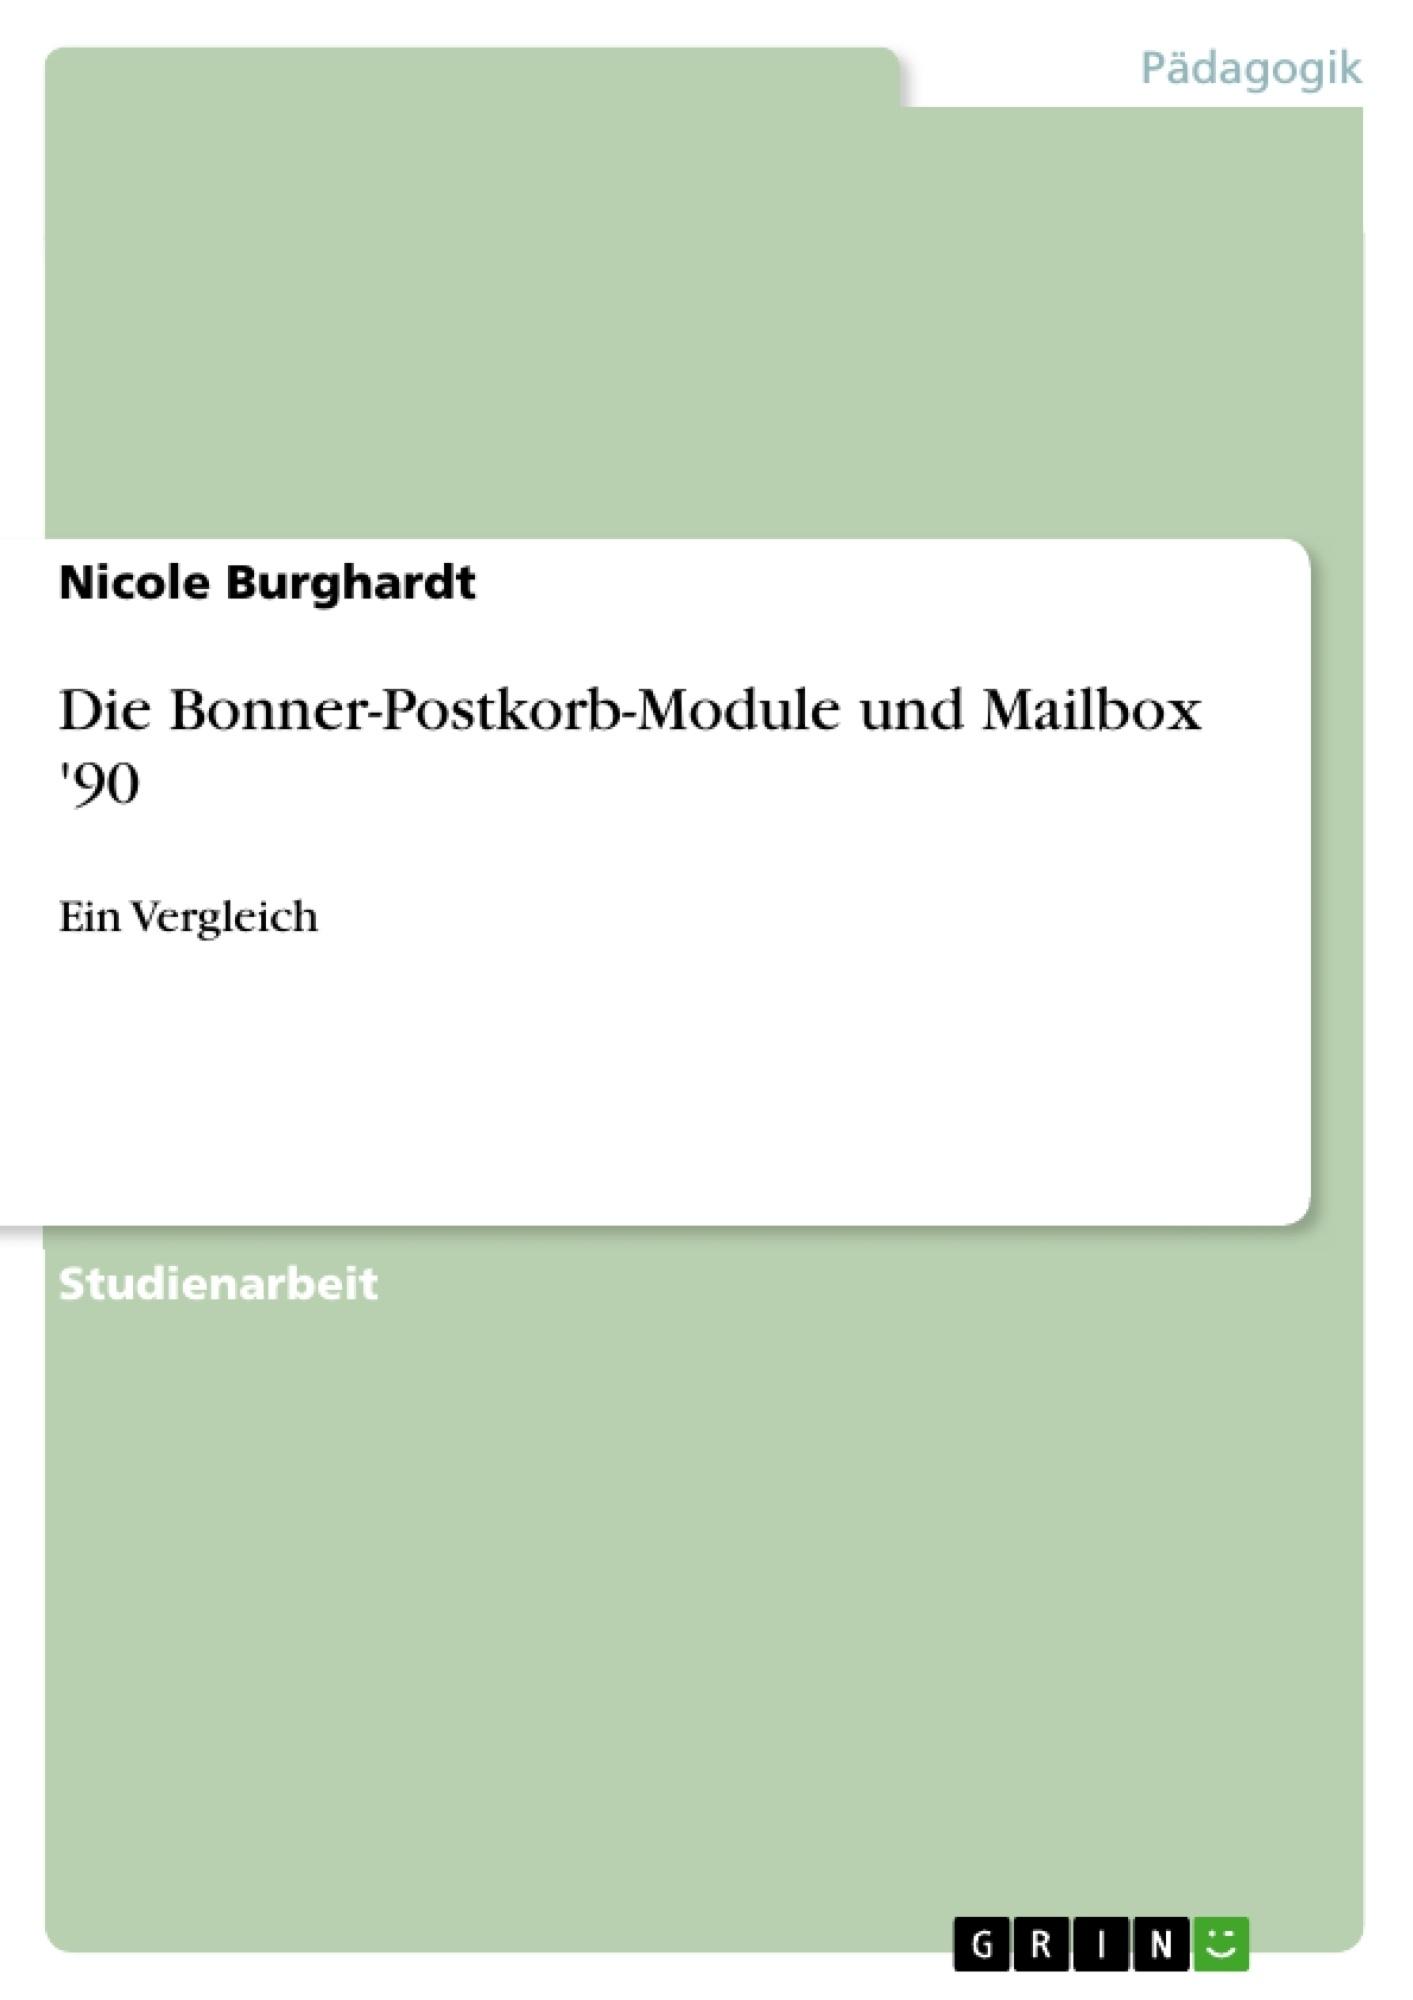 Titel: Die Bonner-Postkorb-Module und Mailbox '90